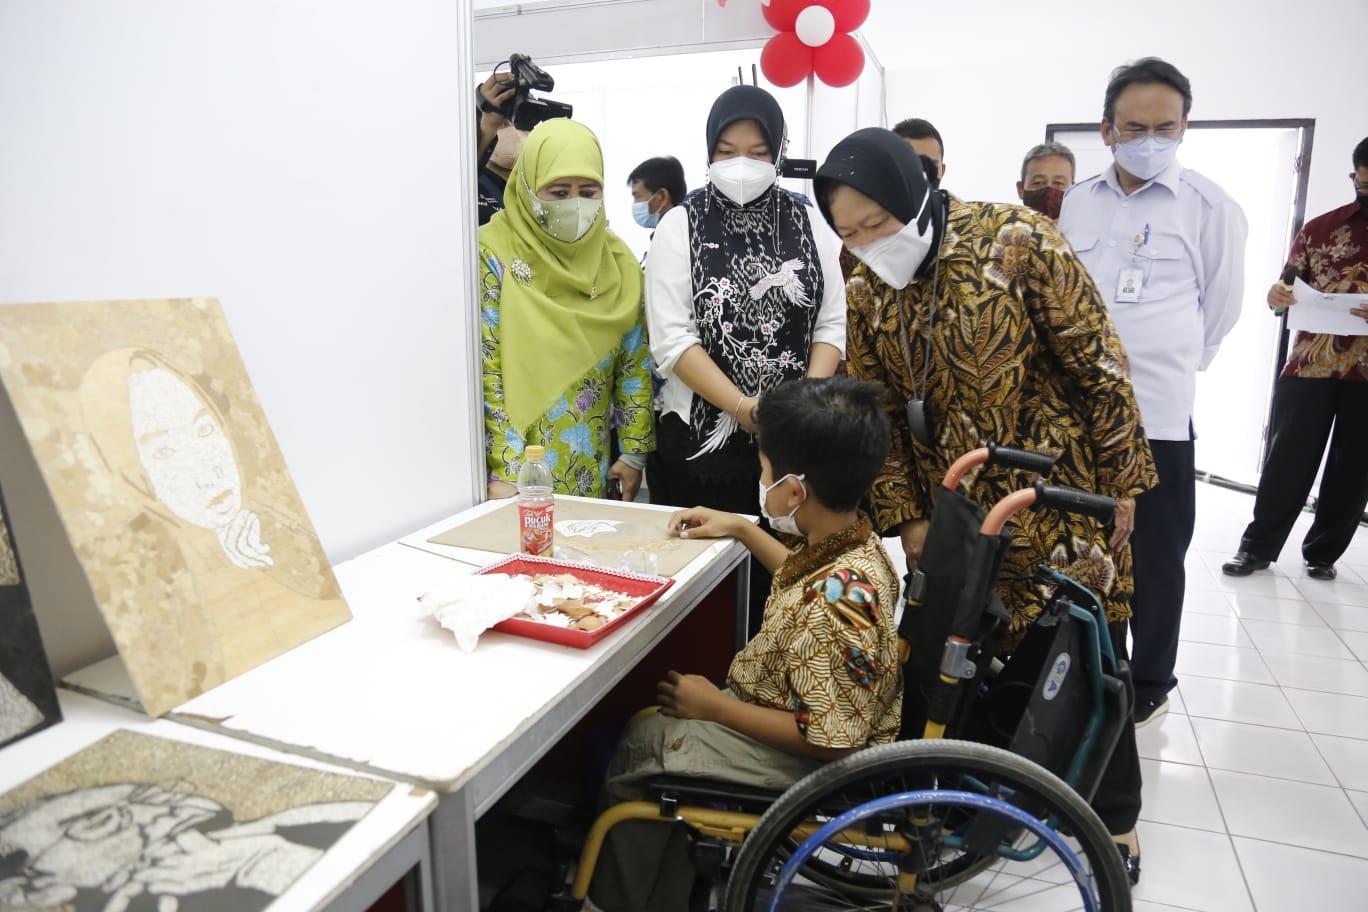 Perluas Pemberdayaan Penyandang Disabilitas di Indonesia, Mensos Resmikan Sentra Kreasi di Surakarta